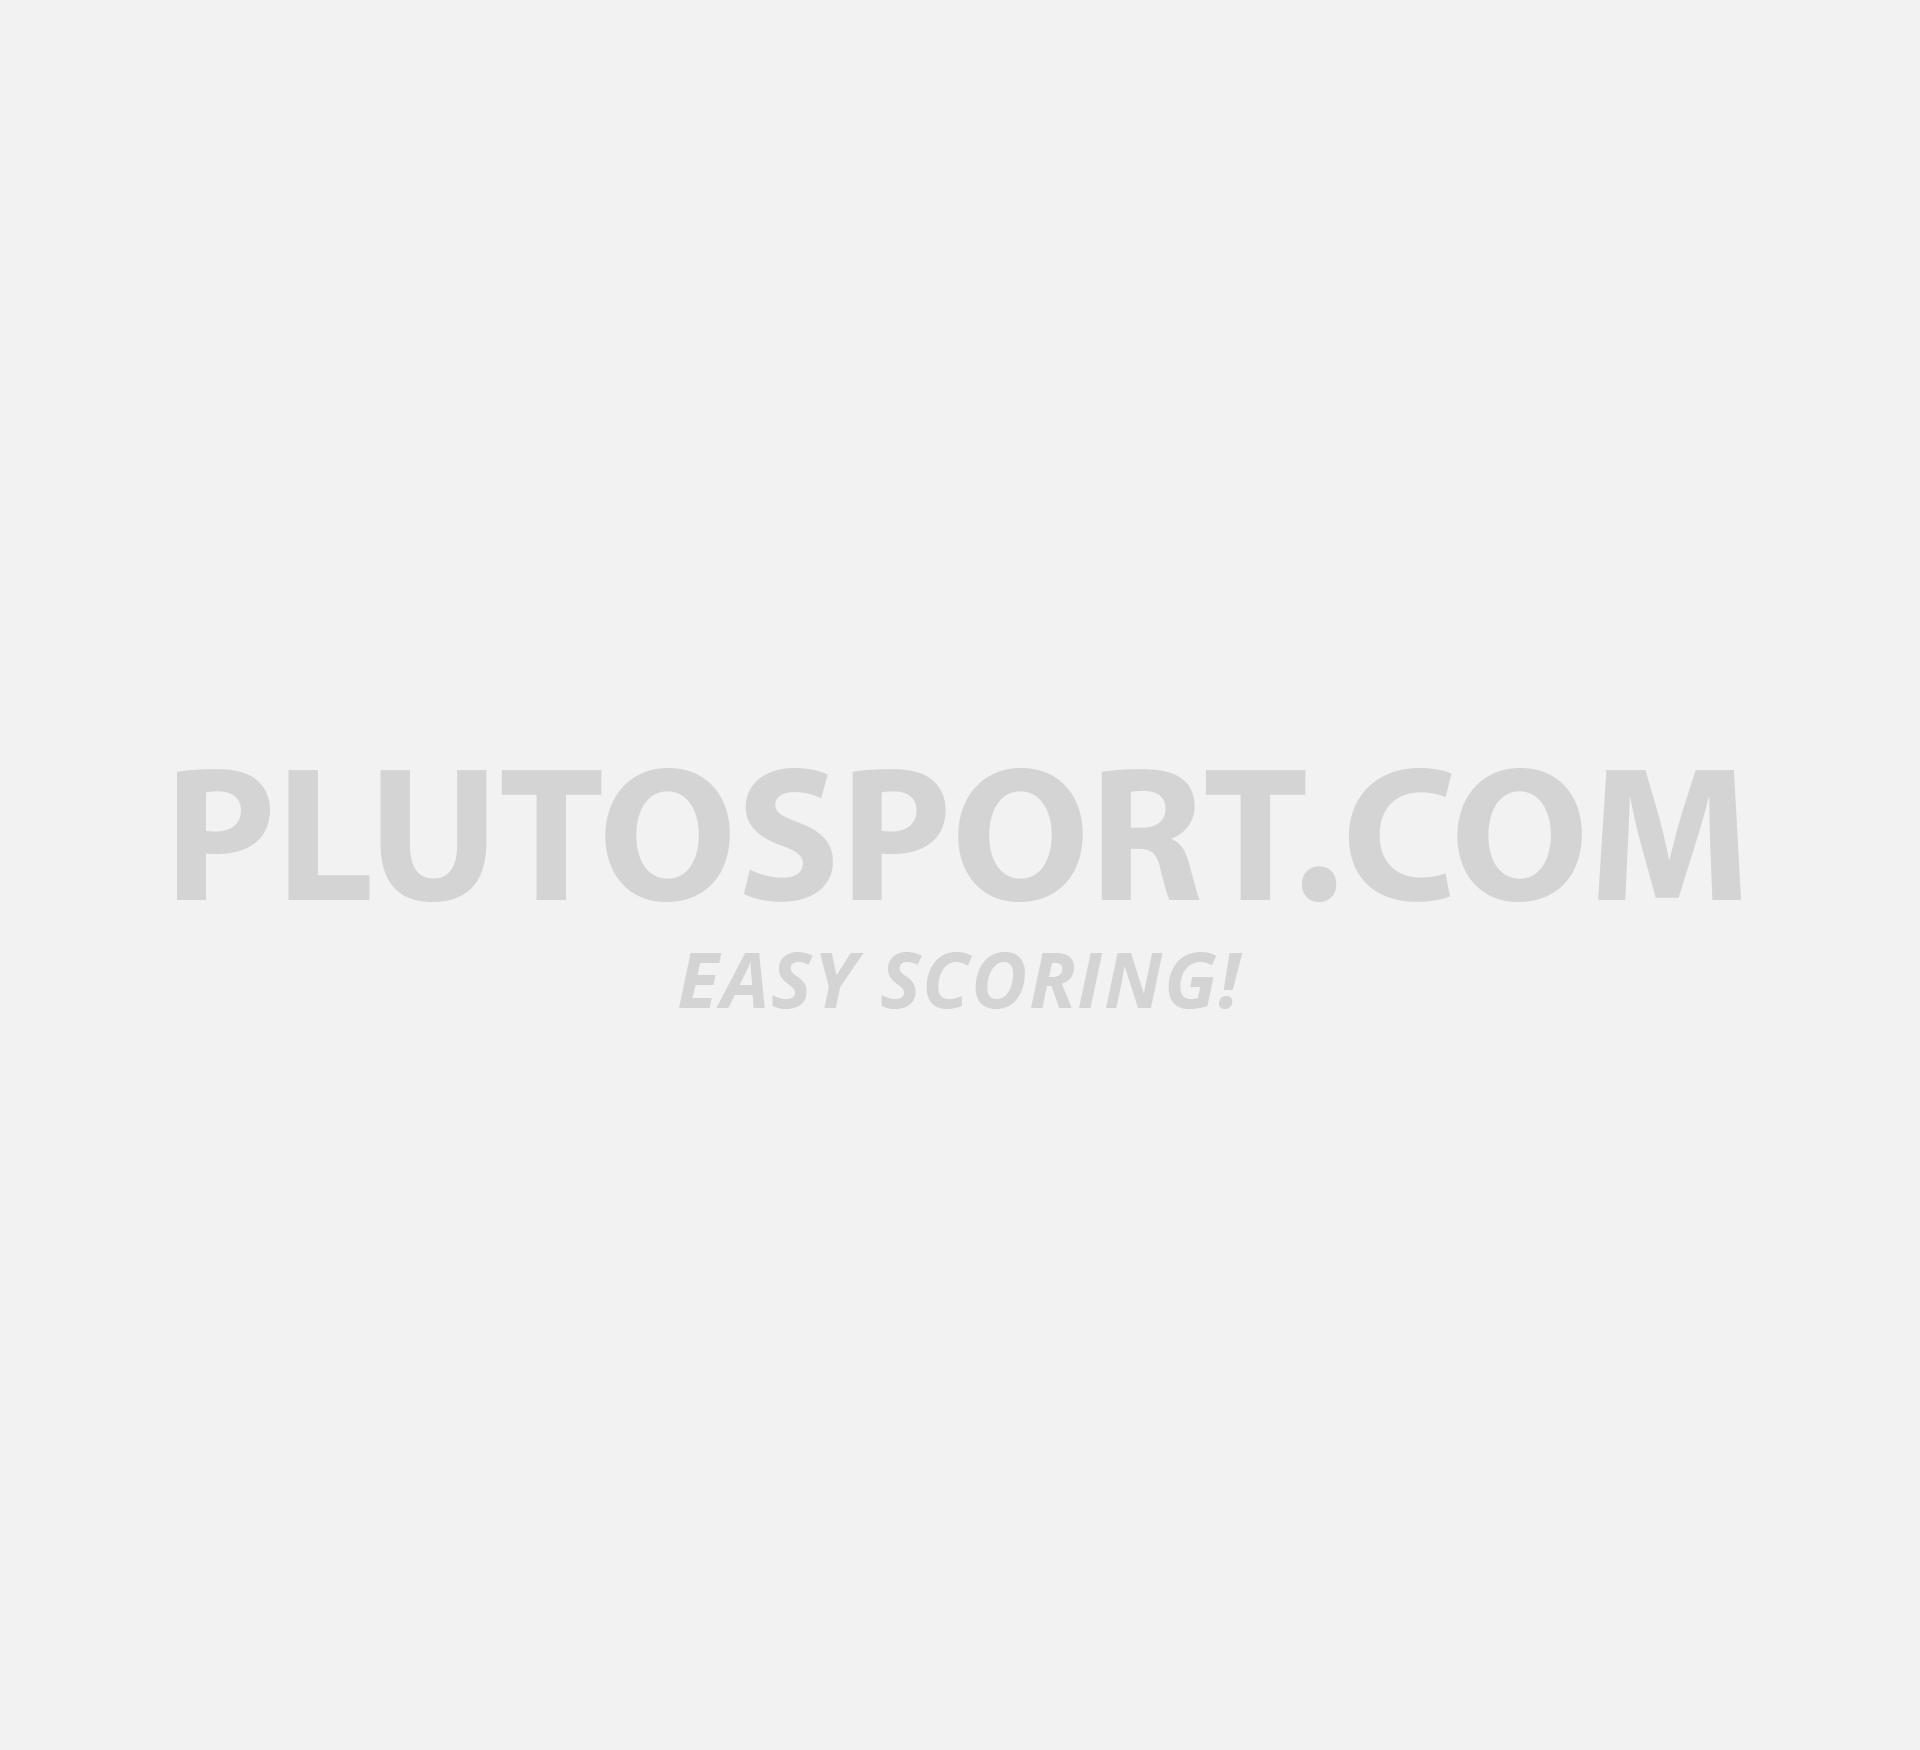 54dc7659 Nike Arobill FTH Premium Cap - Caps - Accessories - Lifestyle - Sports |  Plutosport